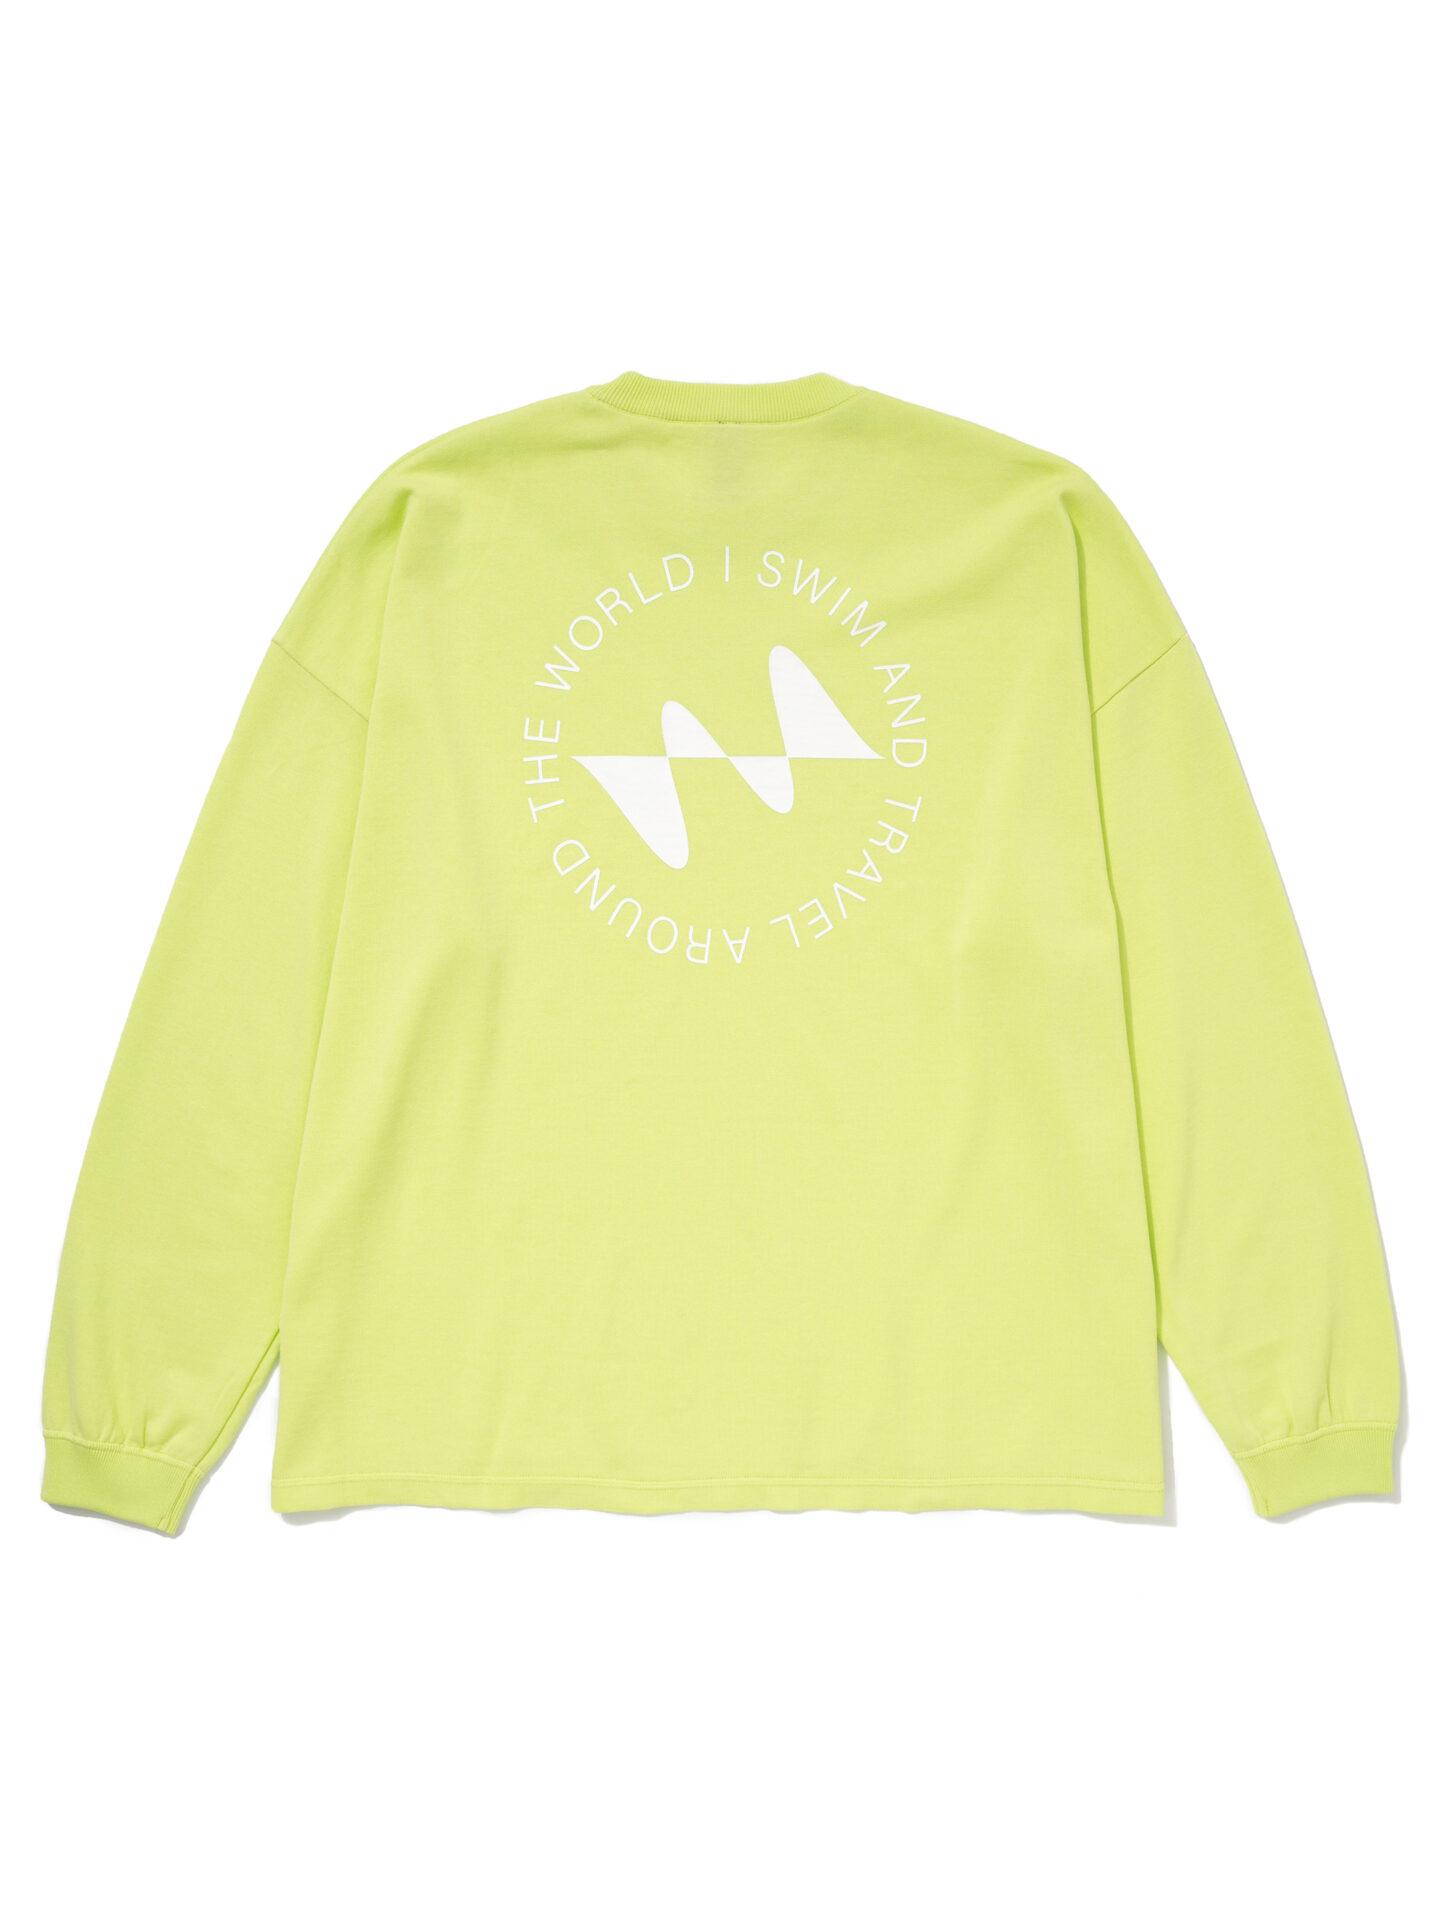 【超撥水】オーガニックコットン100%使用 最高級 I SWIMロゴ長袖Tシャツ -イエロー